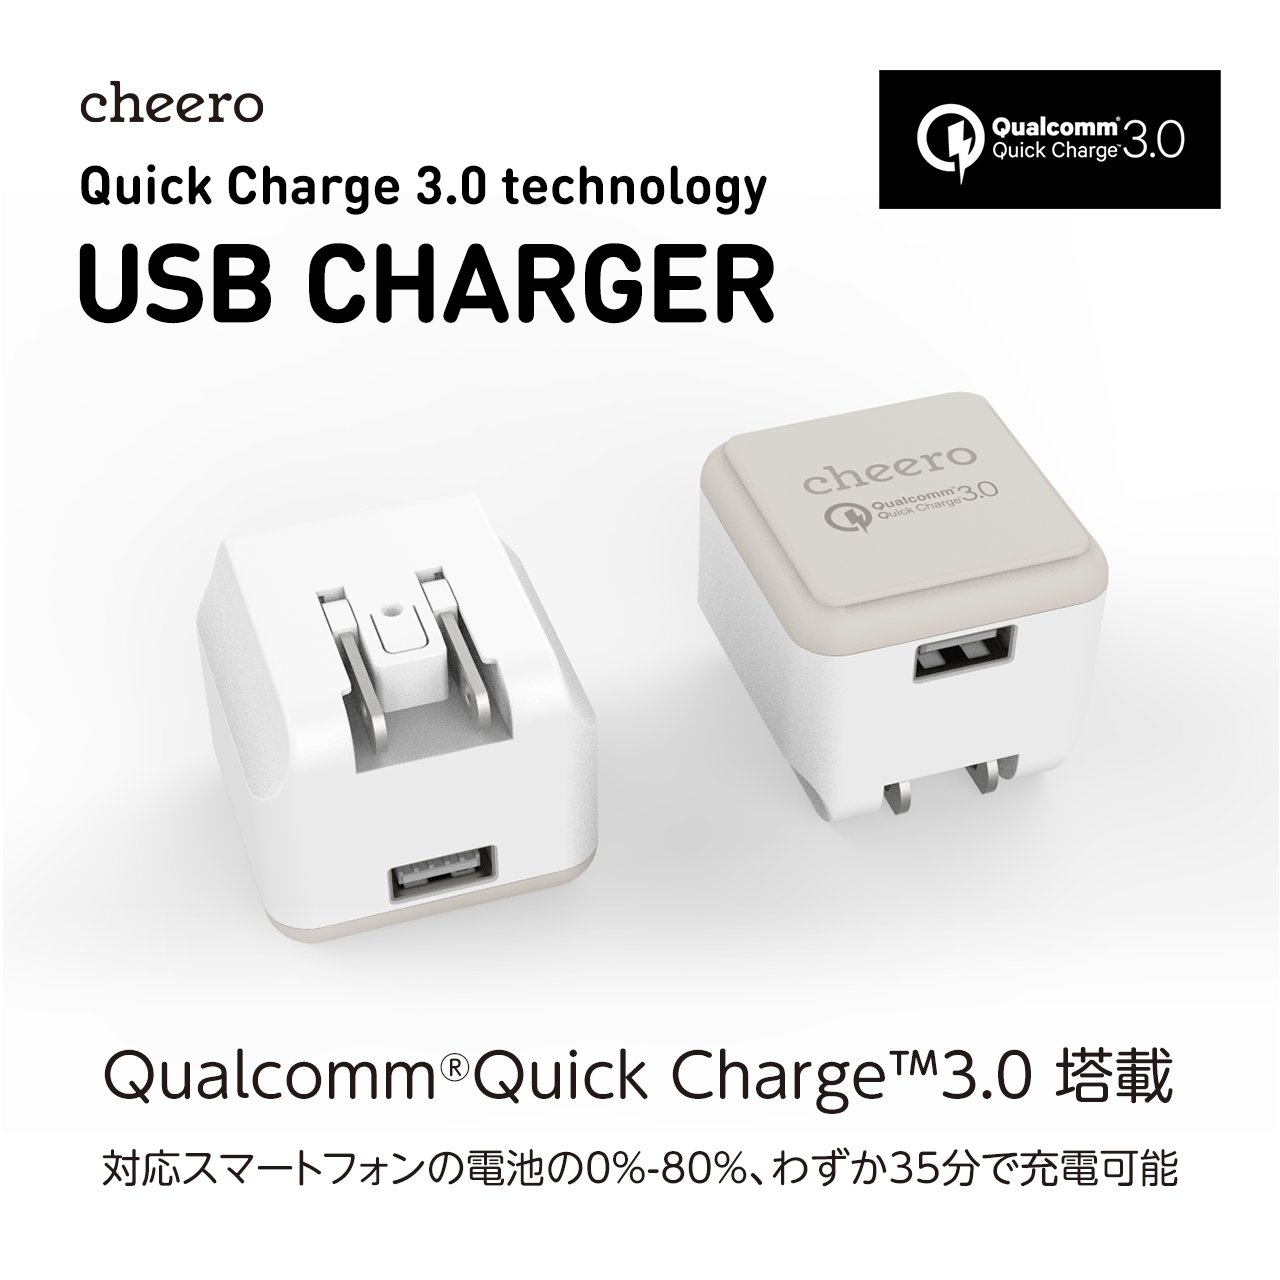 1,380円、コンパクトな急速充電器「cheero USB AC Charger QC3.0」が発売